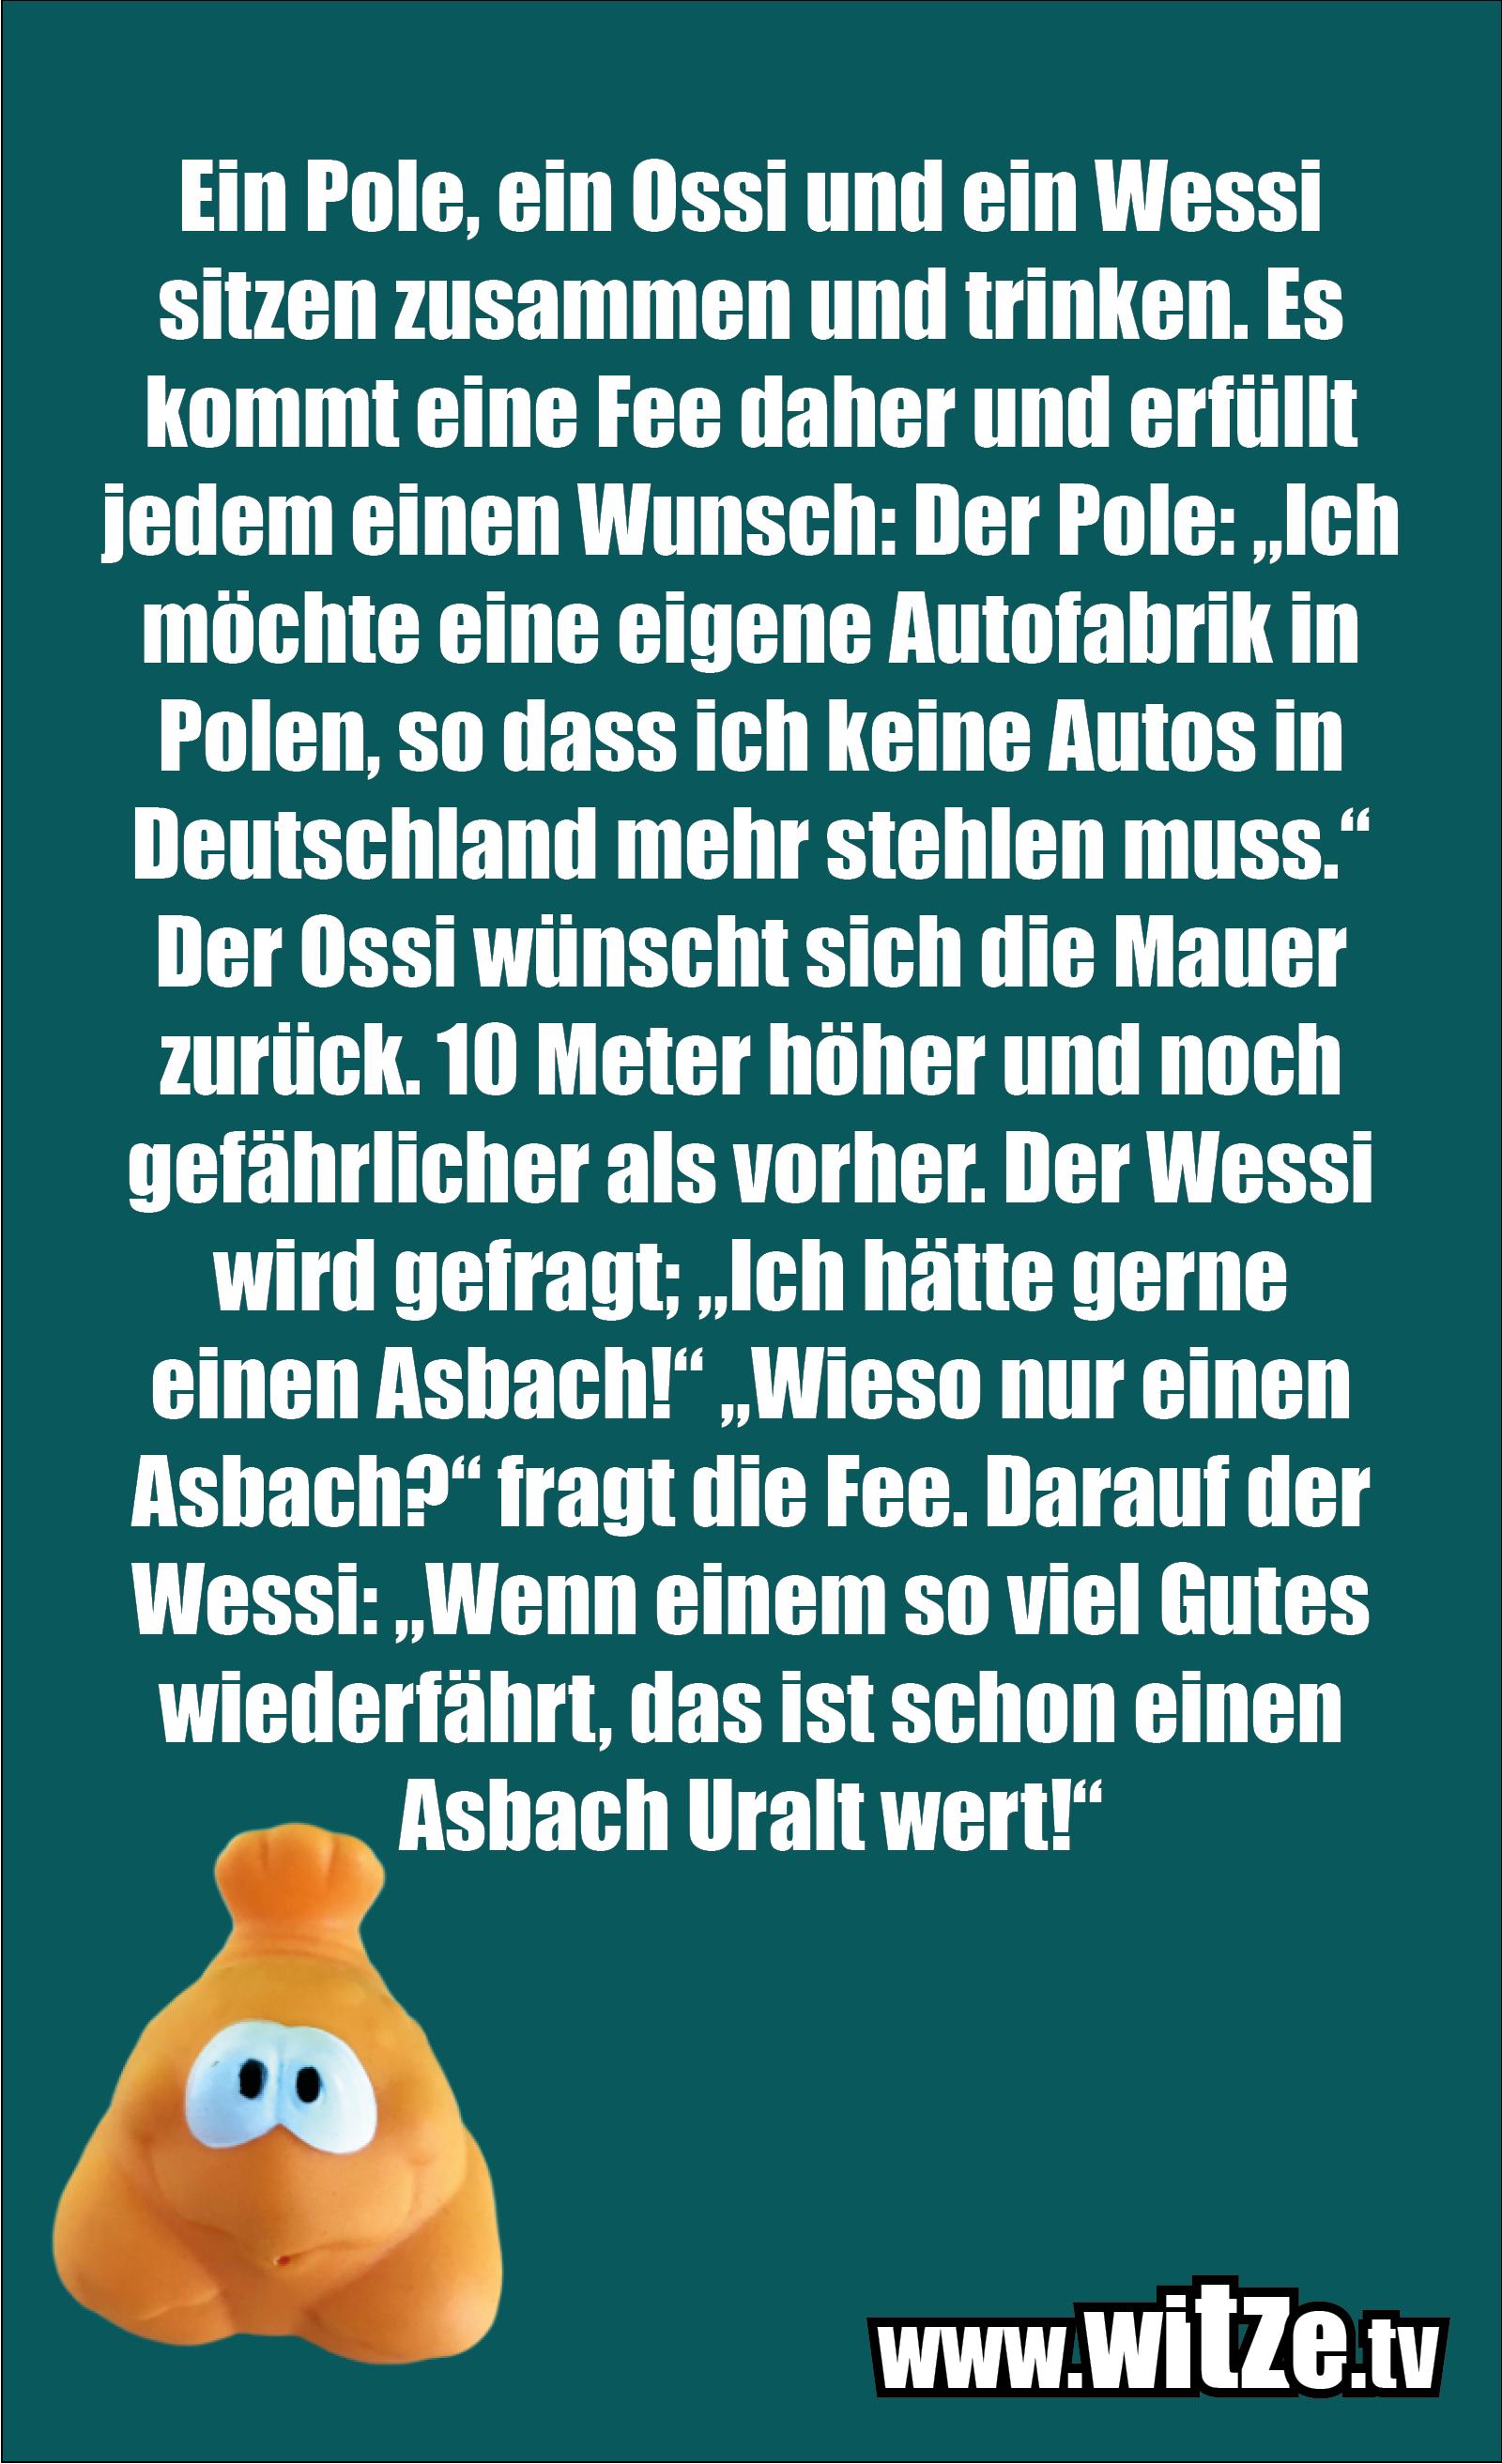 Ein Pole, ein Ossi und ein Wessi...